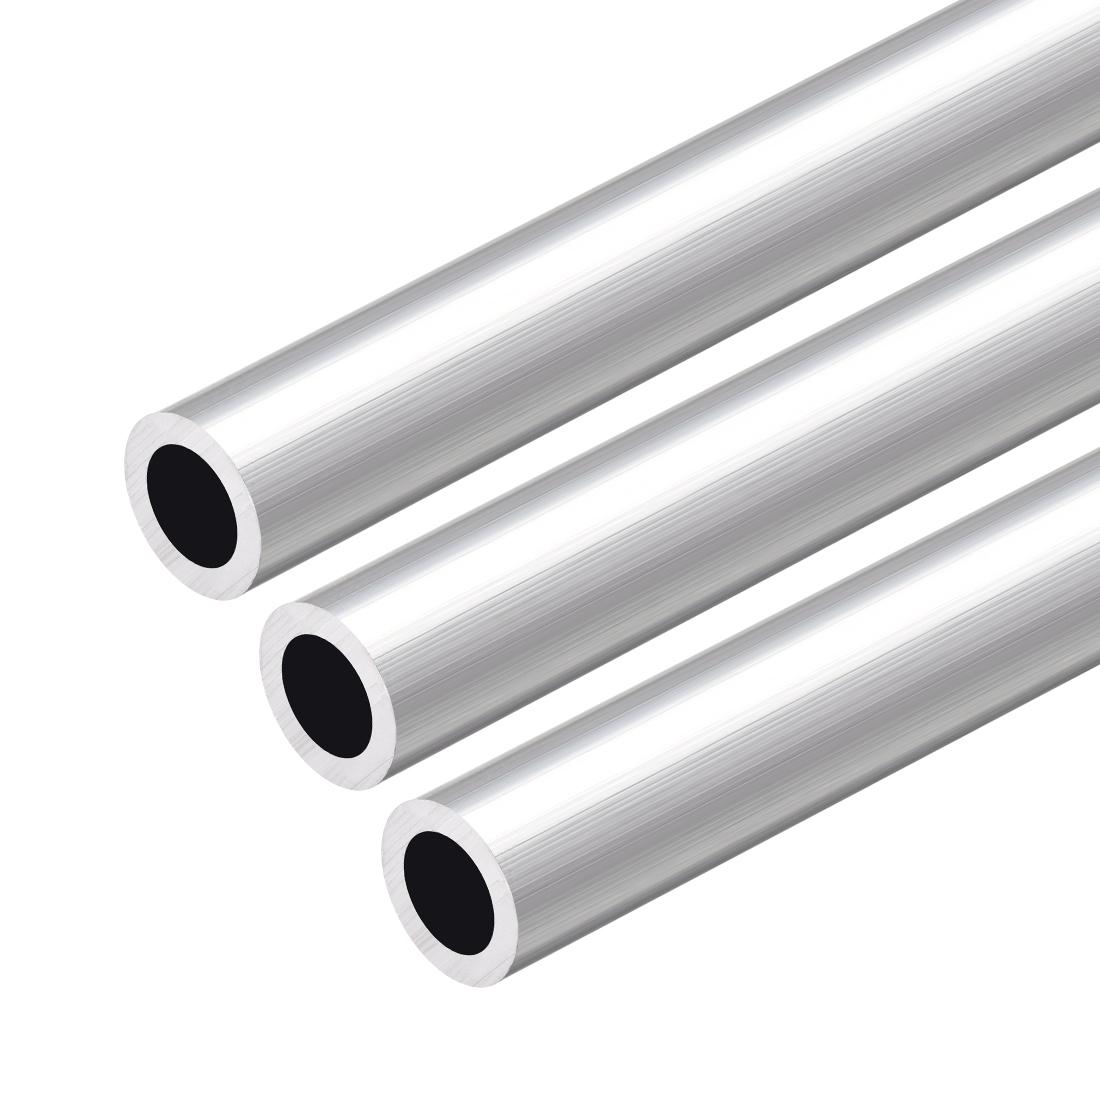 6063 Aluminum Round Tube 300mm Length 18mm OD 12mm Inner Dia Seamless Tube 3 Pcs